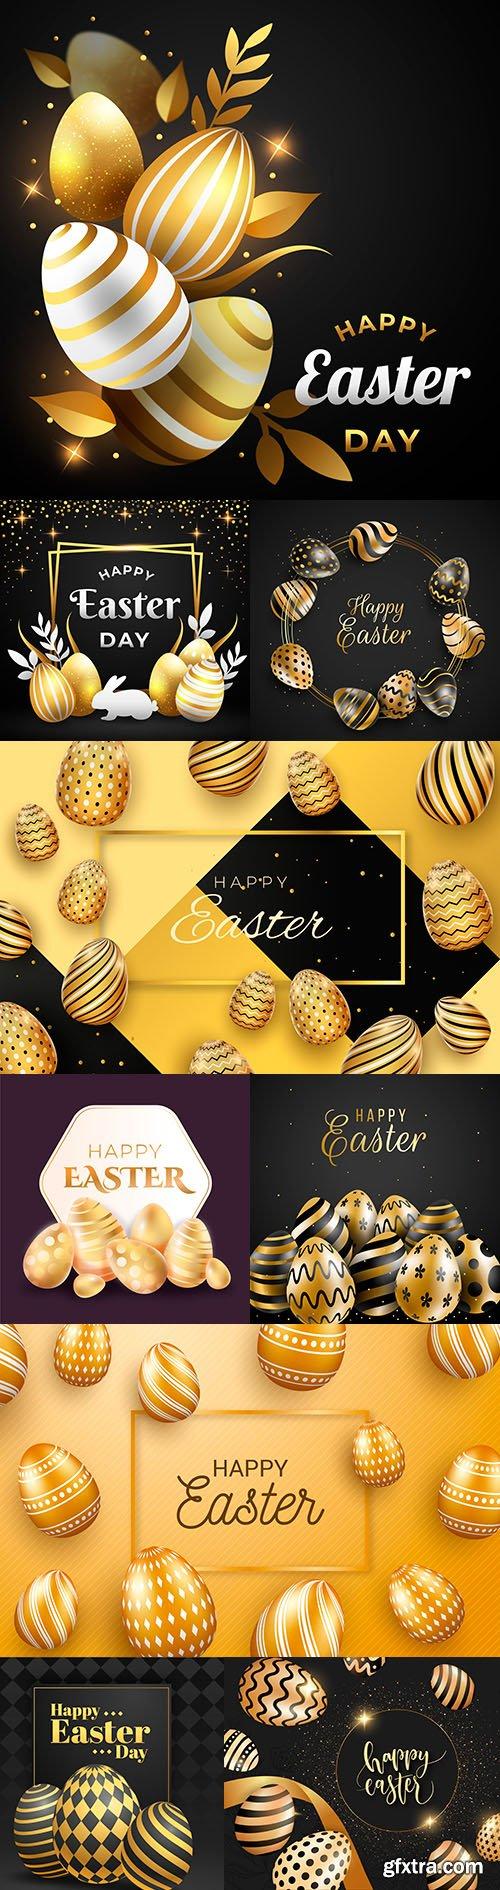 Happy Easter gold decorative illustration design 2